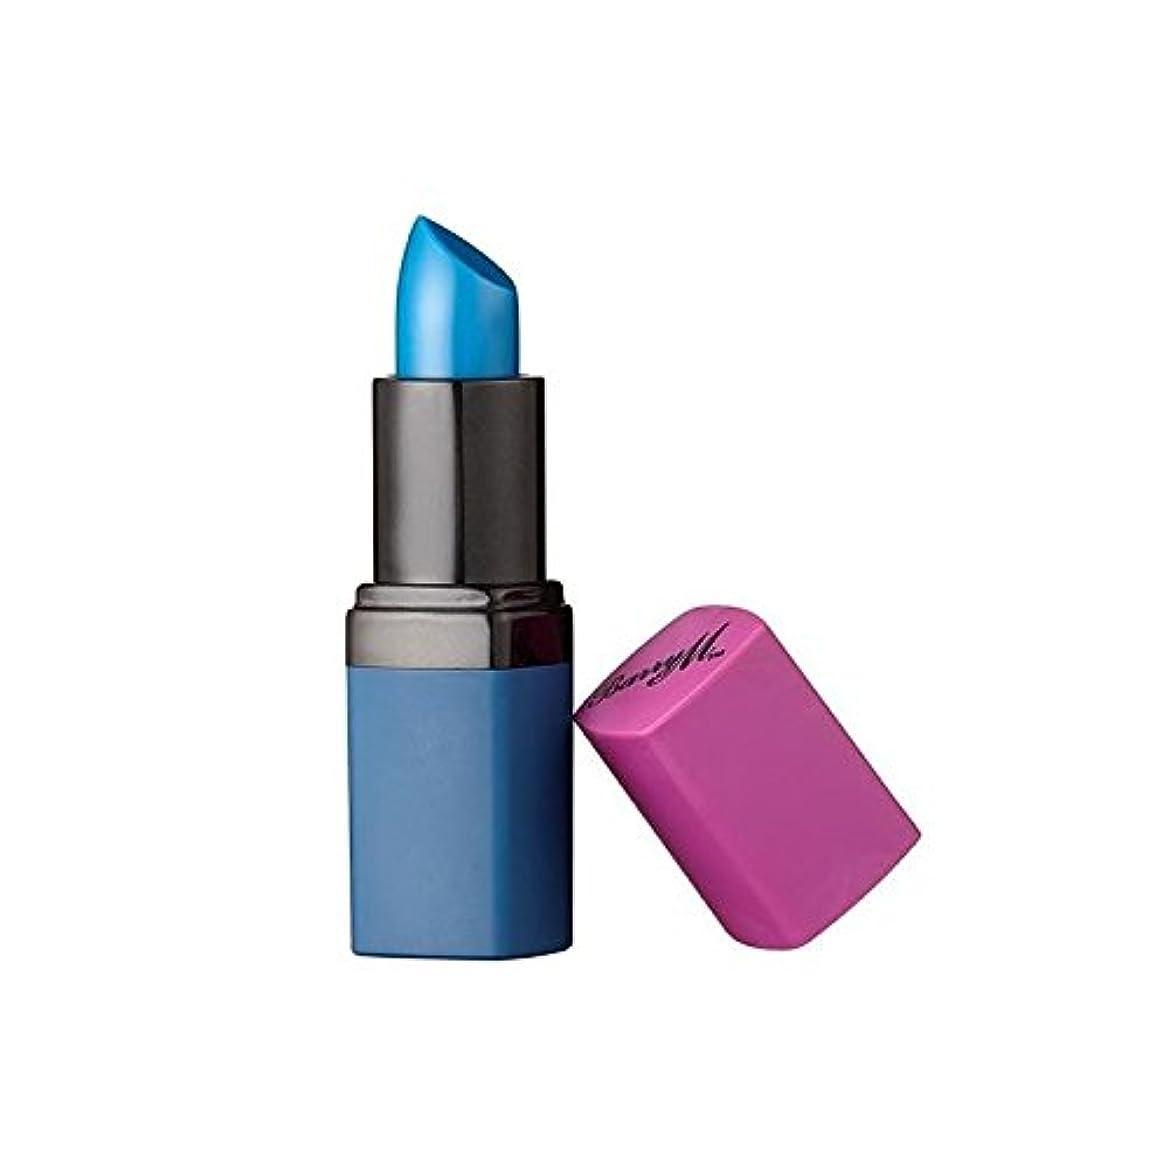 後悔マトリックスピニオンバリーメートルネプチューンリップペイント x4 - Barry M Neptune Lip Paint (Pack of 4) [並行輸入品]